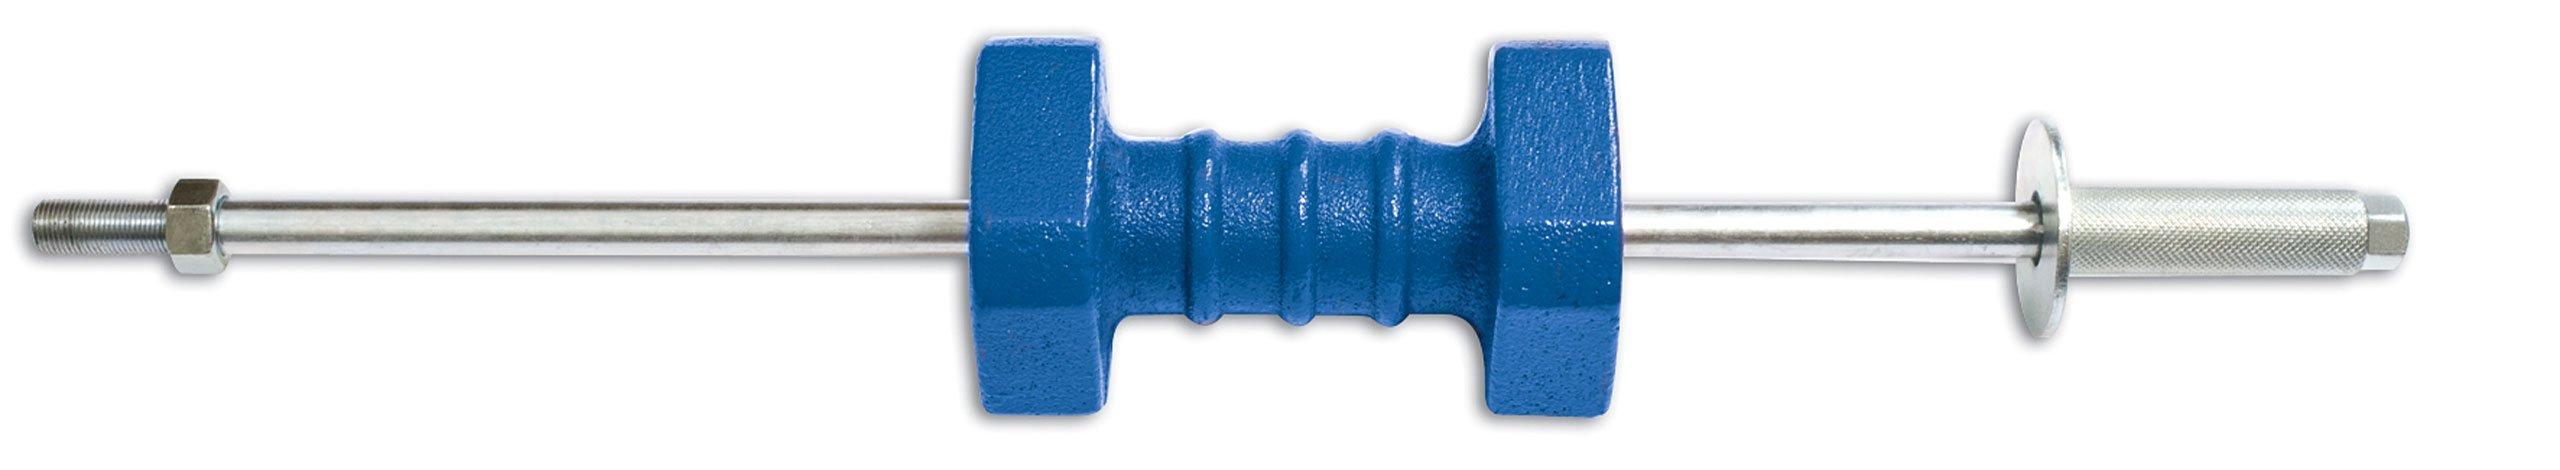 Laser - 4811 Slide Hammer 10lb by Laser (Image #3)